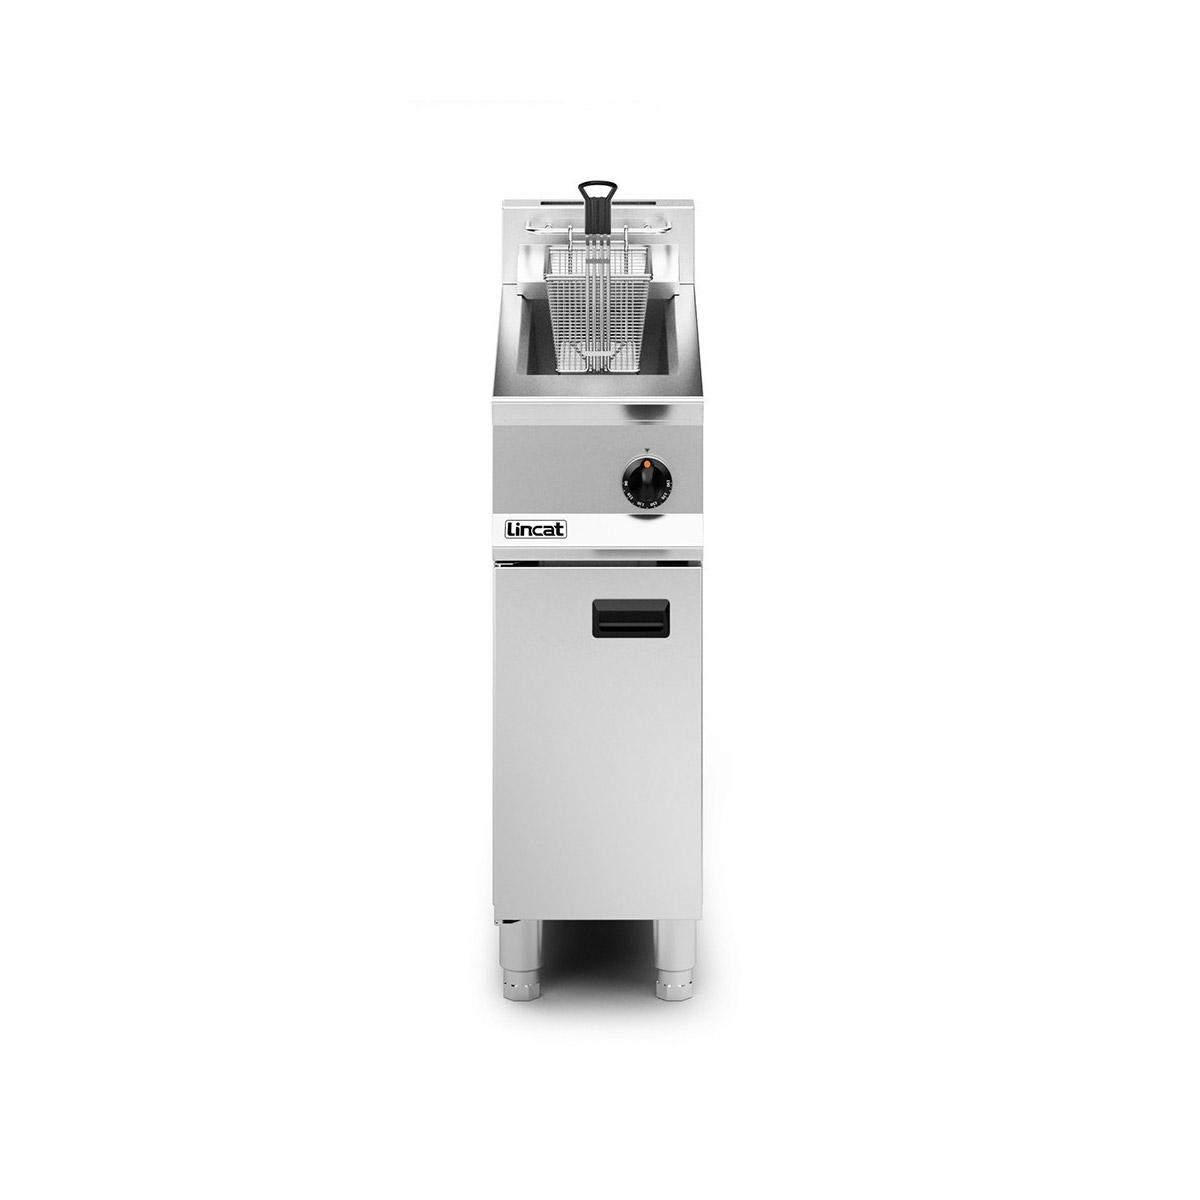 Lincat Opus 800 Gas Fryer Model: OG8110/N (Natural Gas)